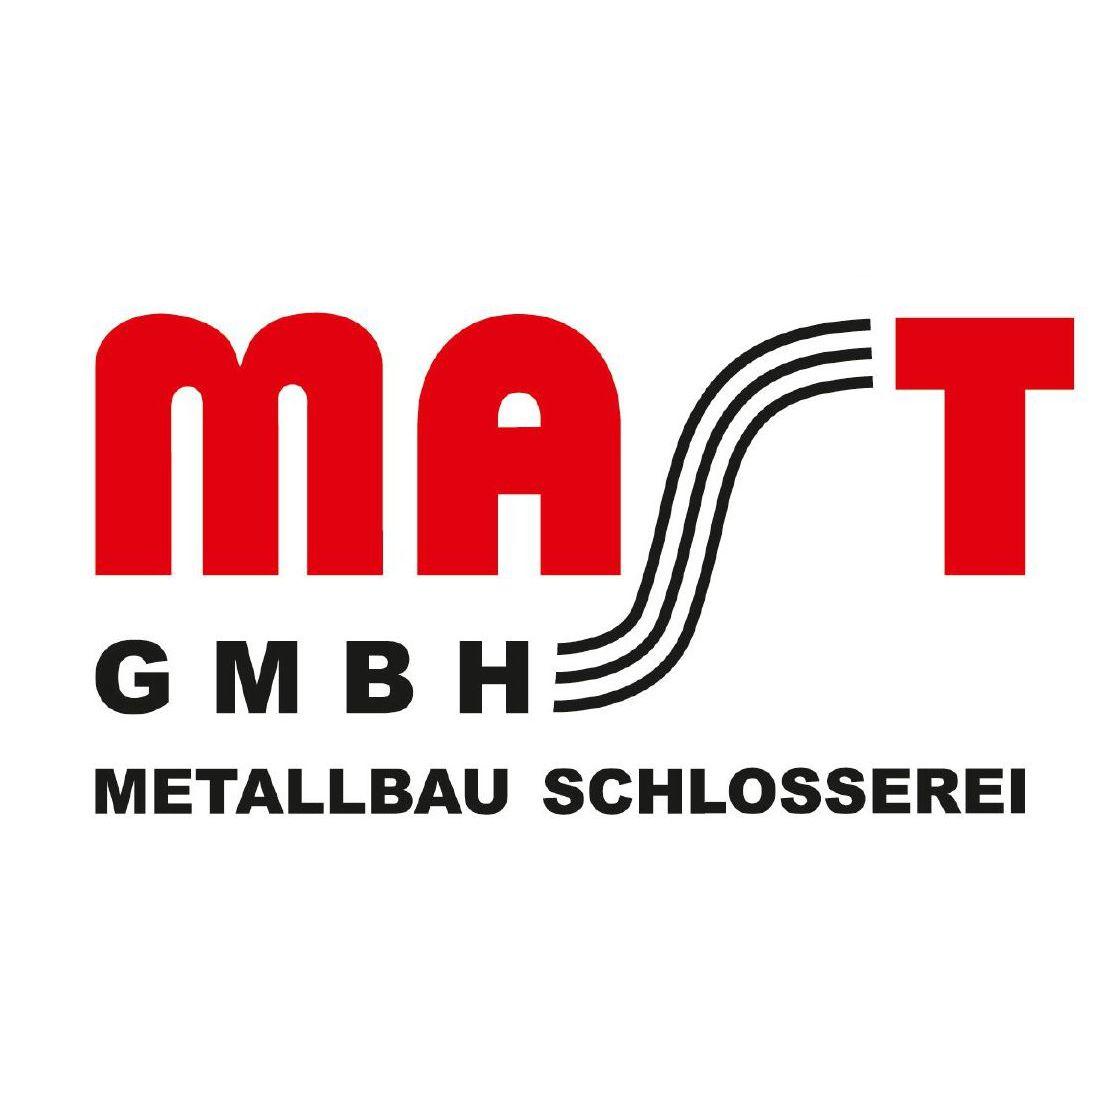 Metallbau-Schlosserei Mast GmbH